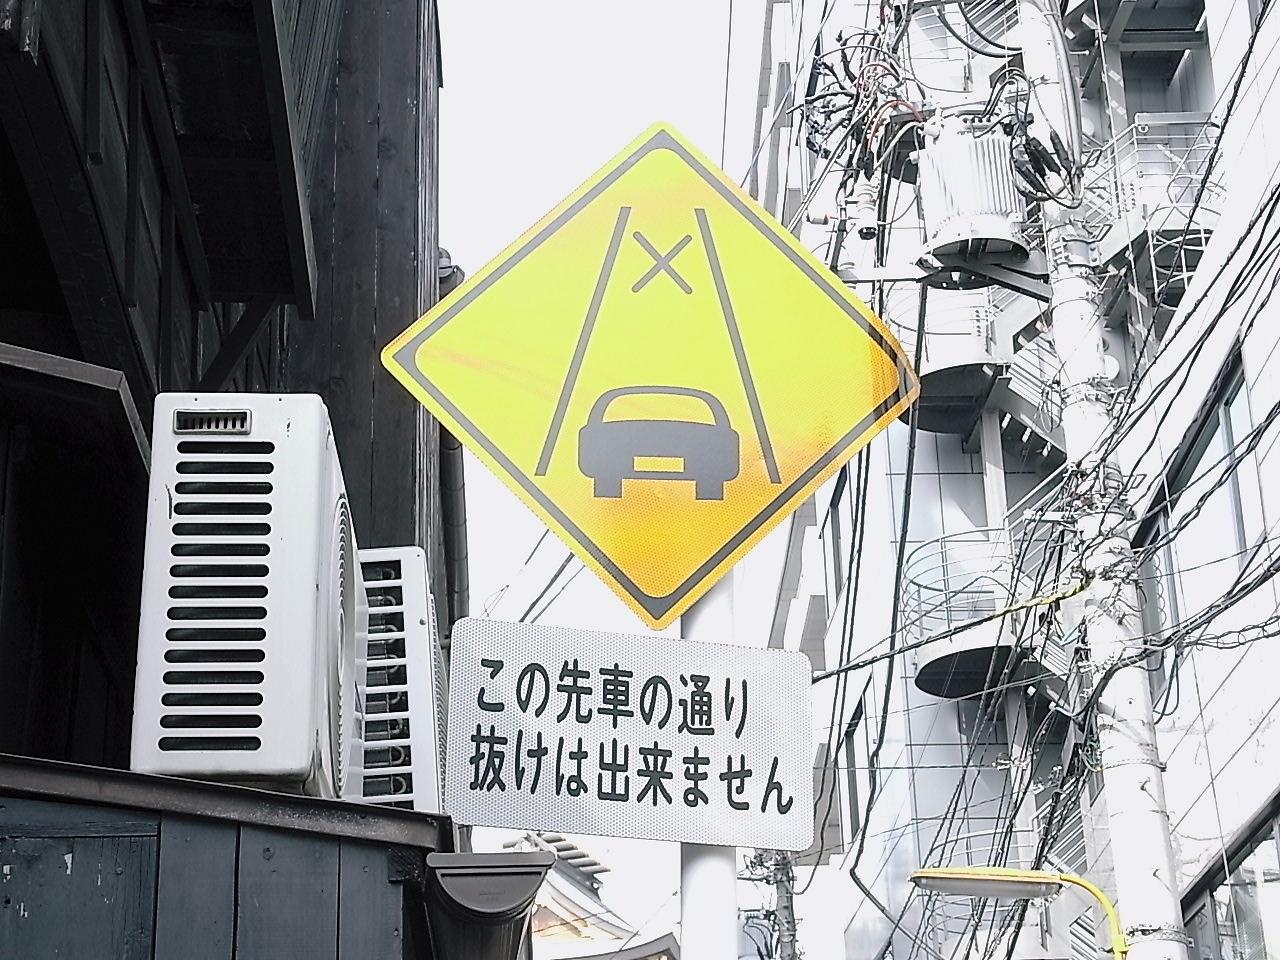 はじめてみた交通標識